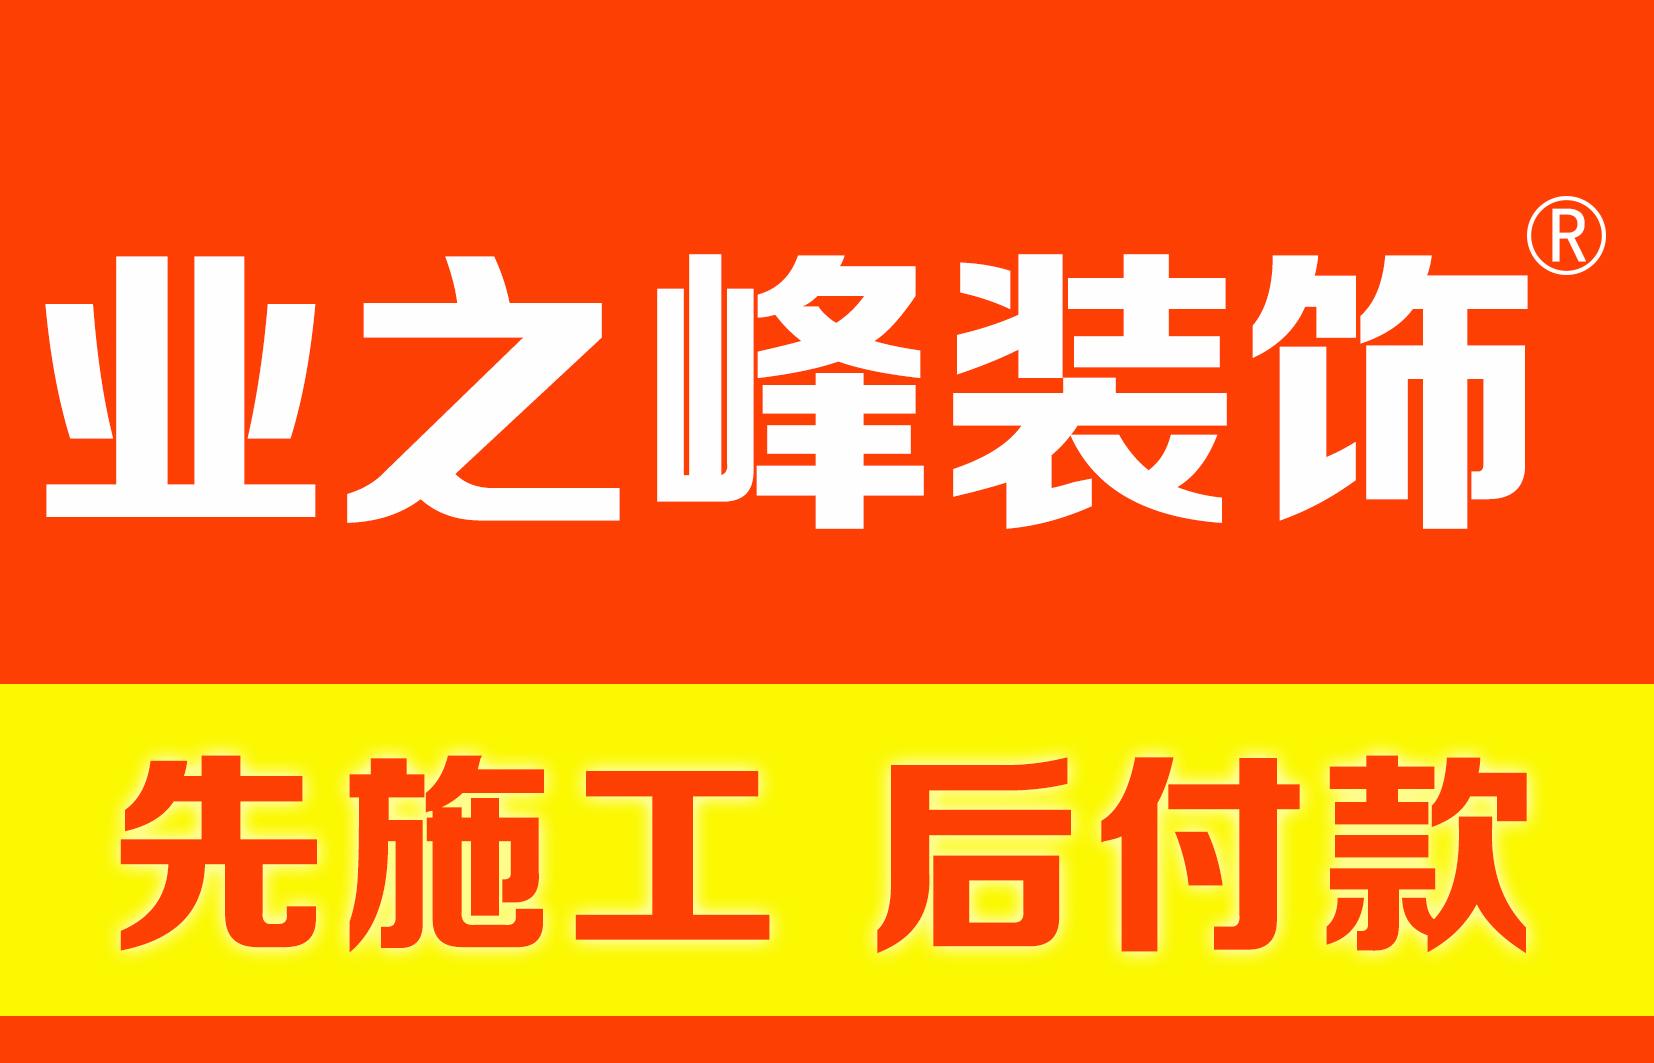 吉林省业之峰建筑装饰有限公司